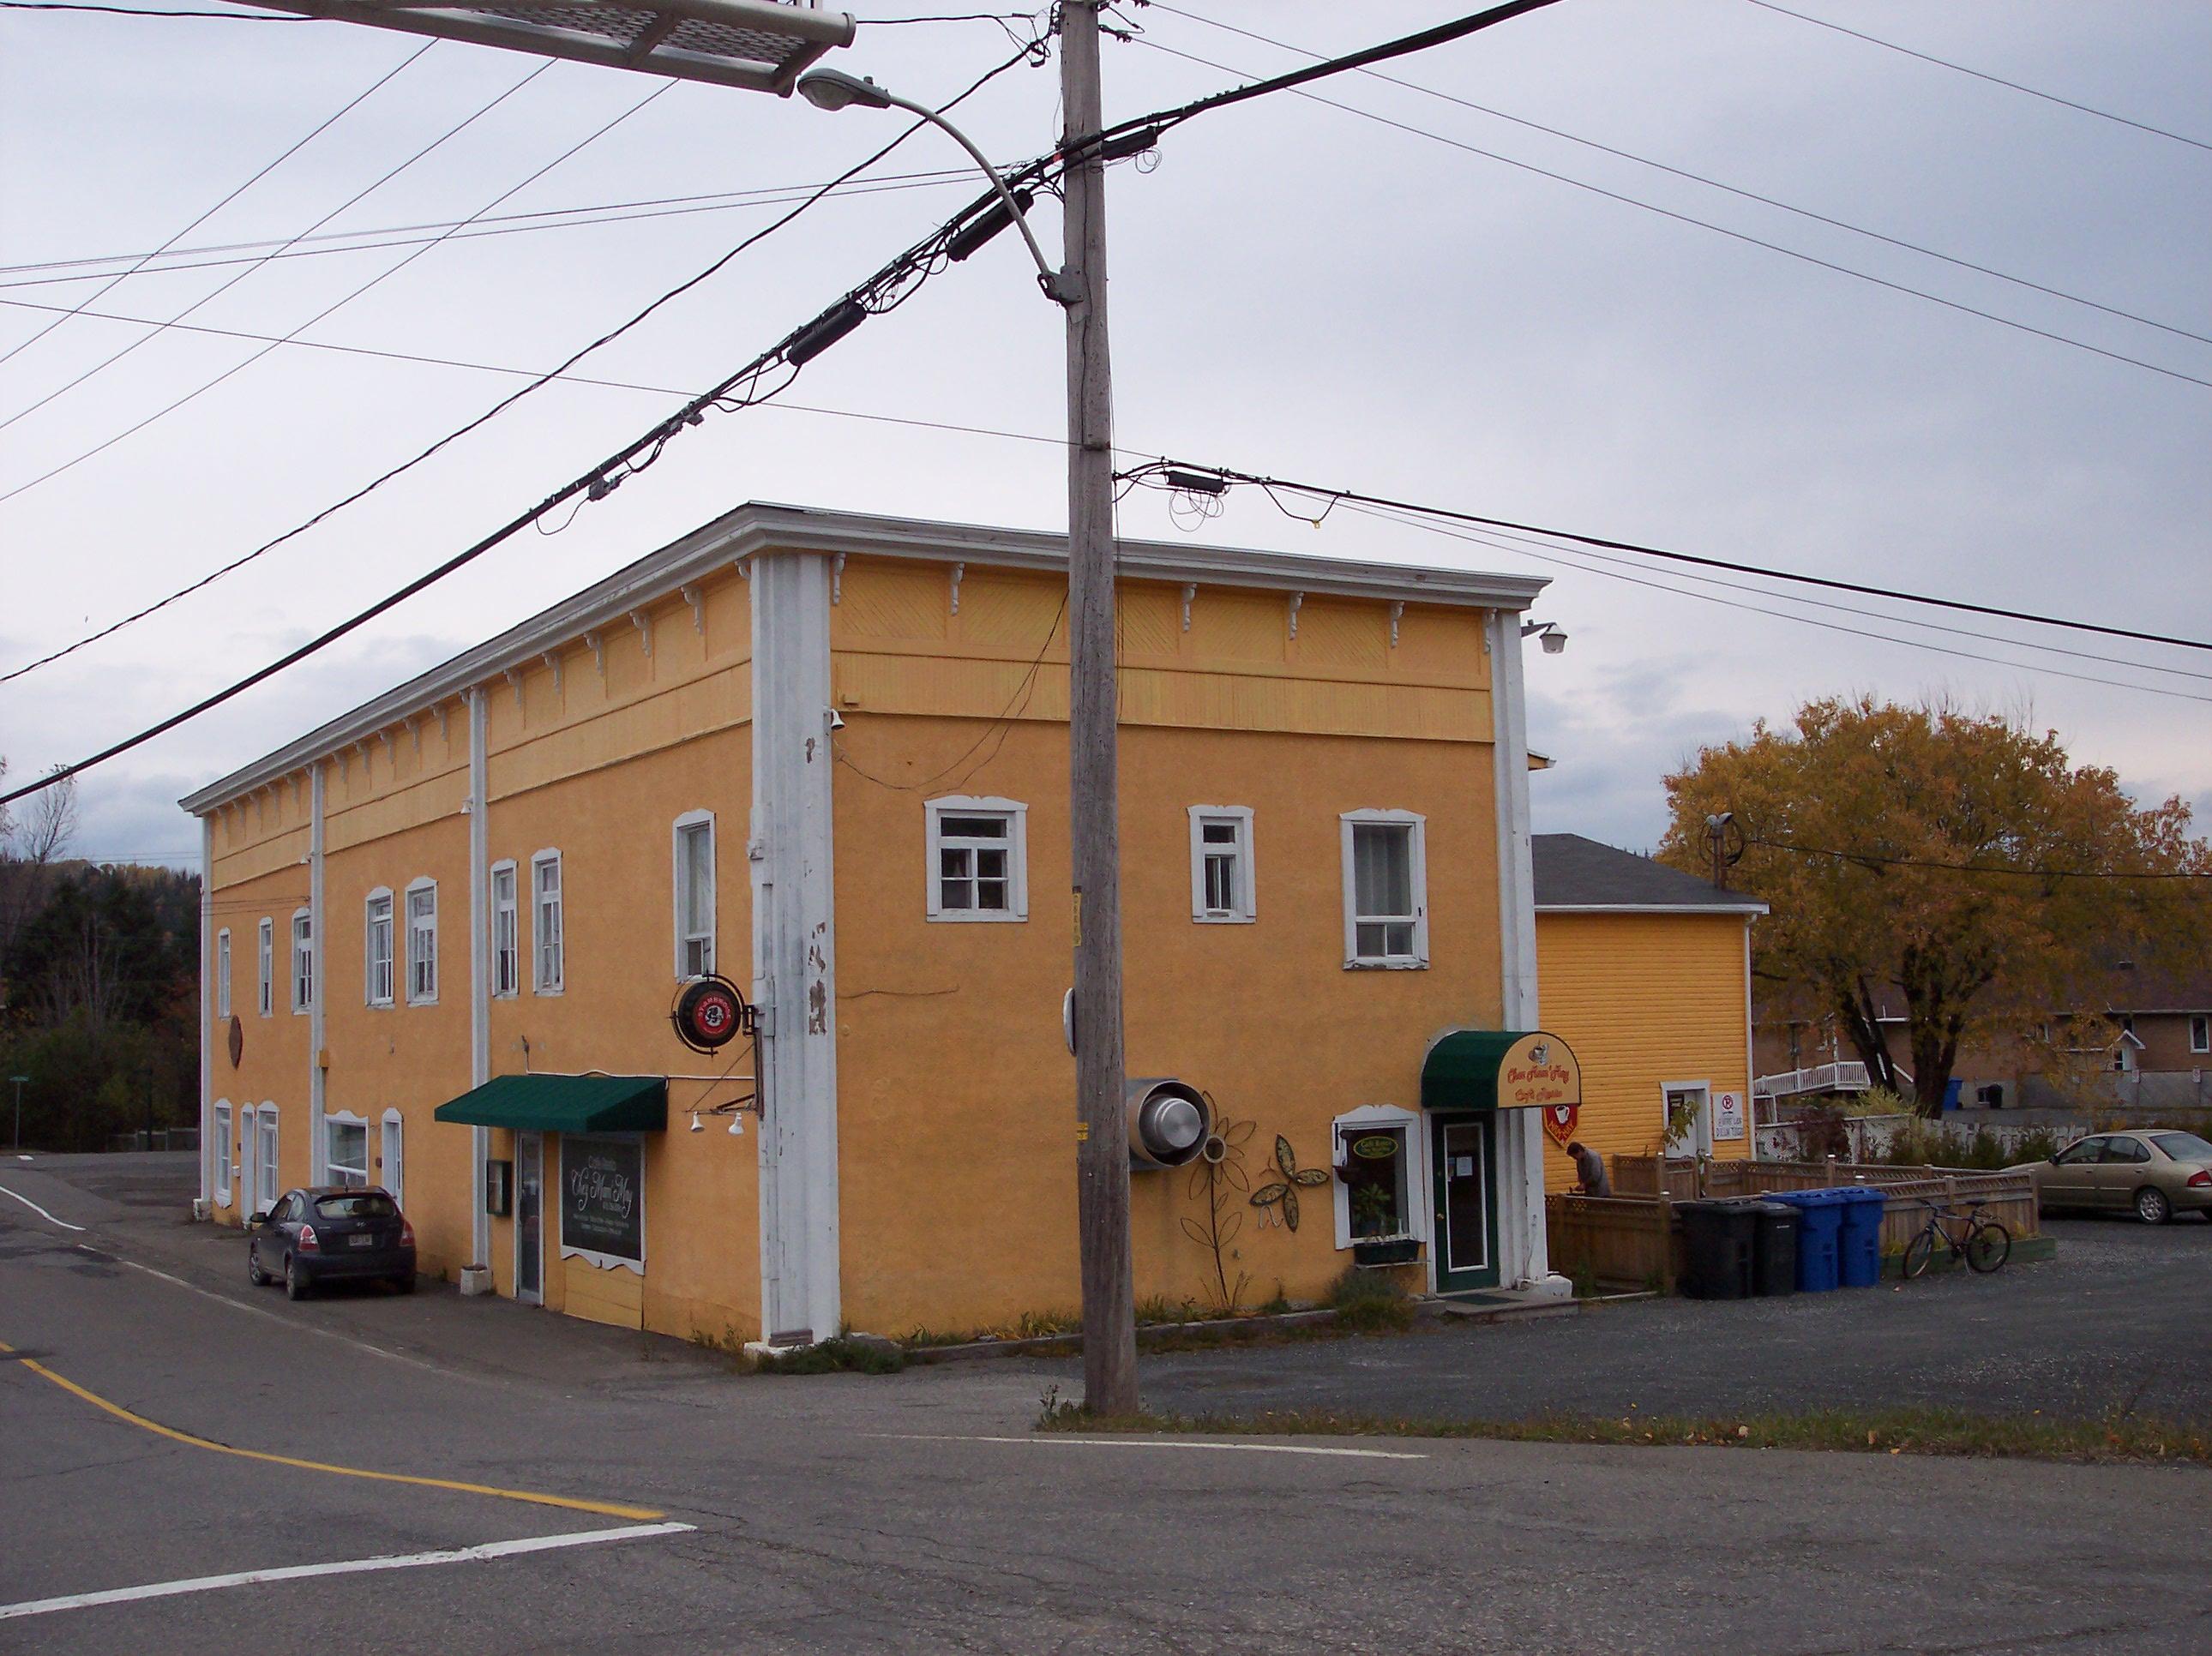 2543 - 138, rue de Sainte-Cécile-du-Bic